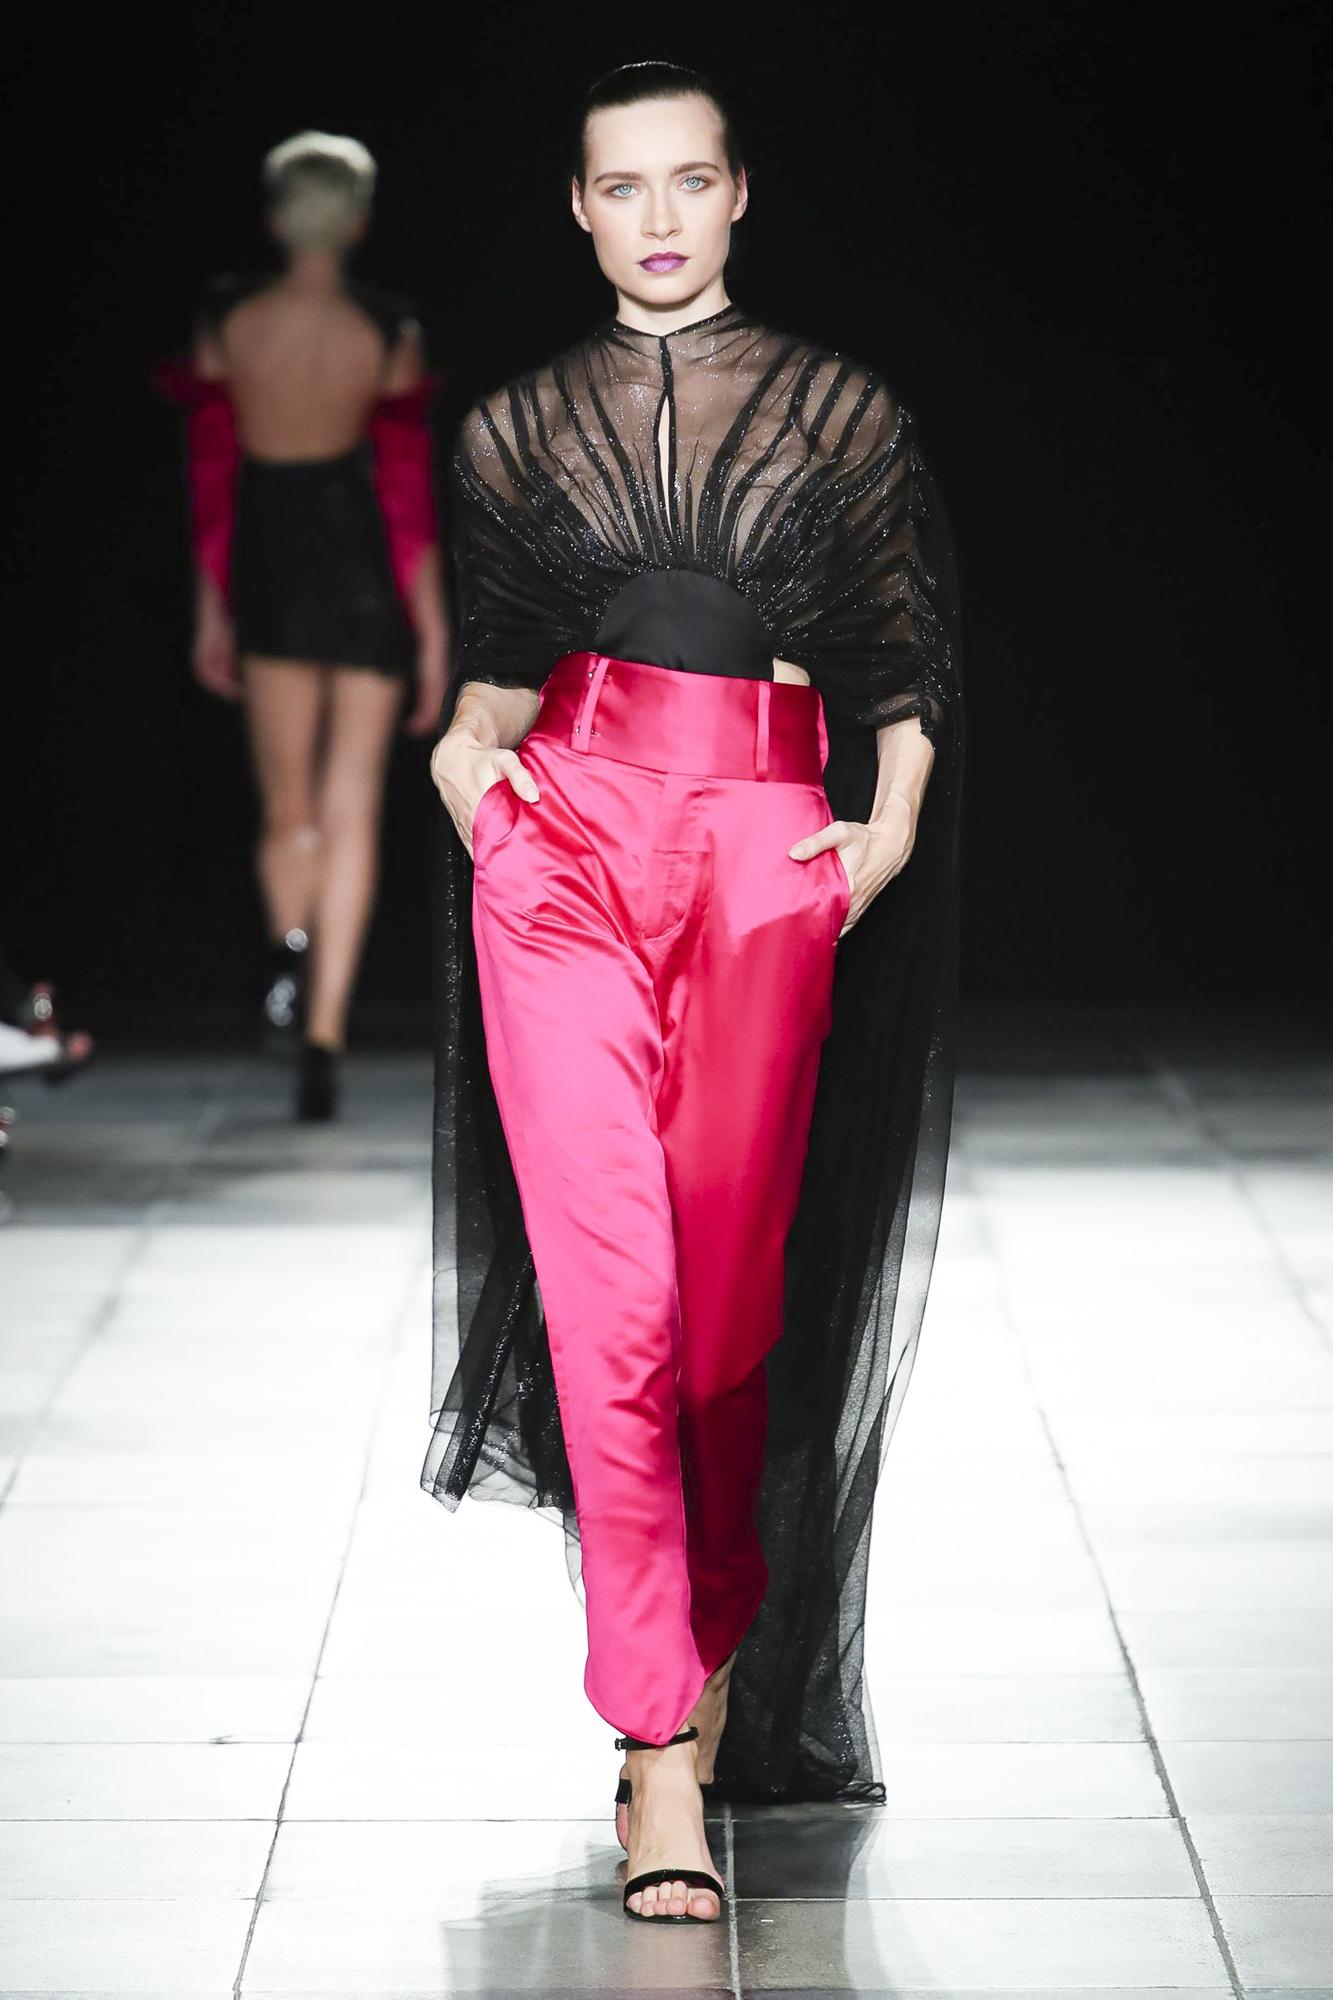 MIKHAIL CHAMOUN fashion show, Arab Fashion Week collection Spring Summer 2020 in Dubai